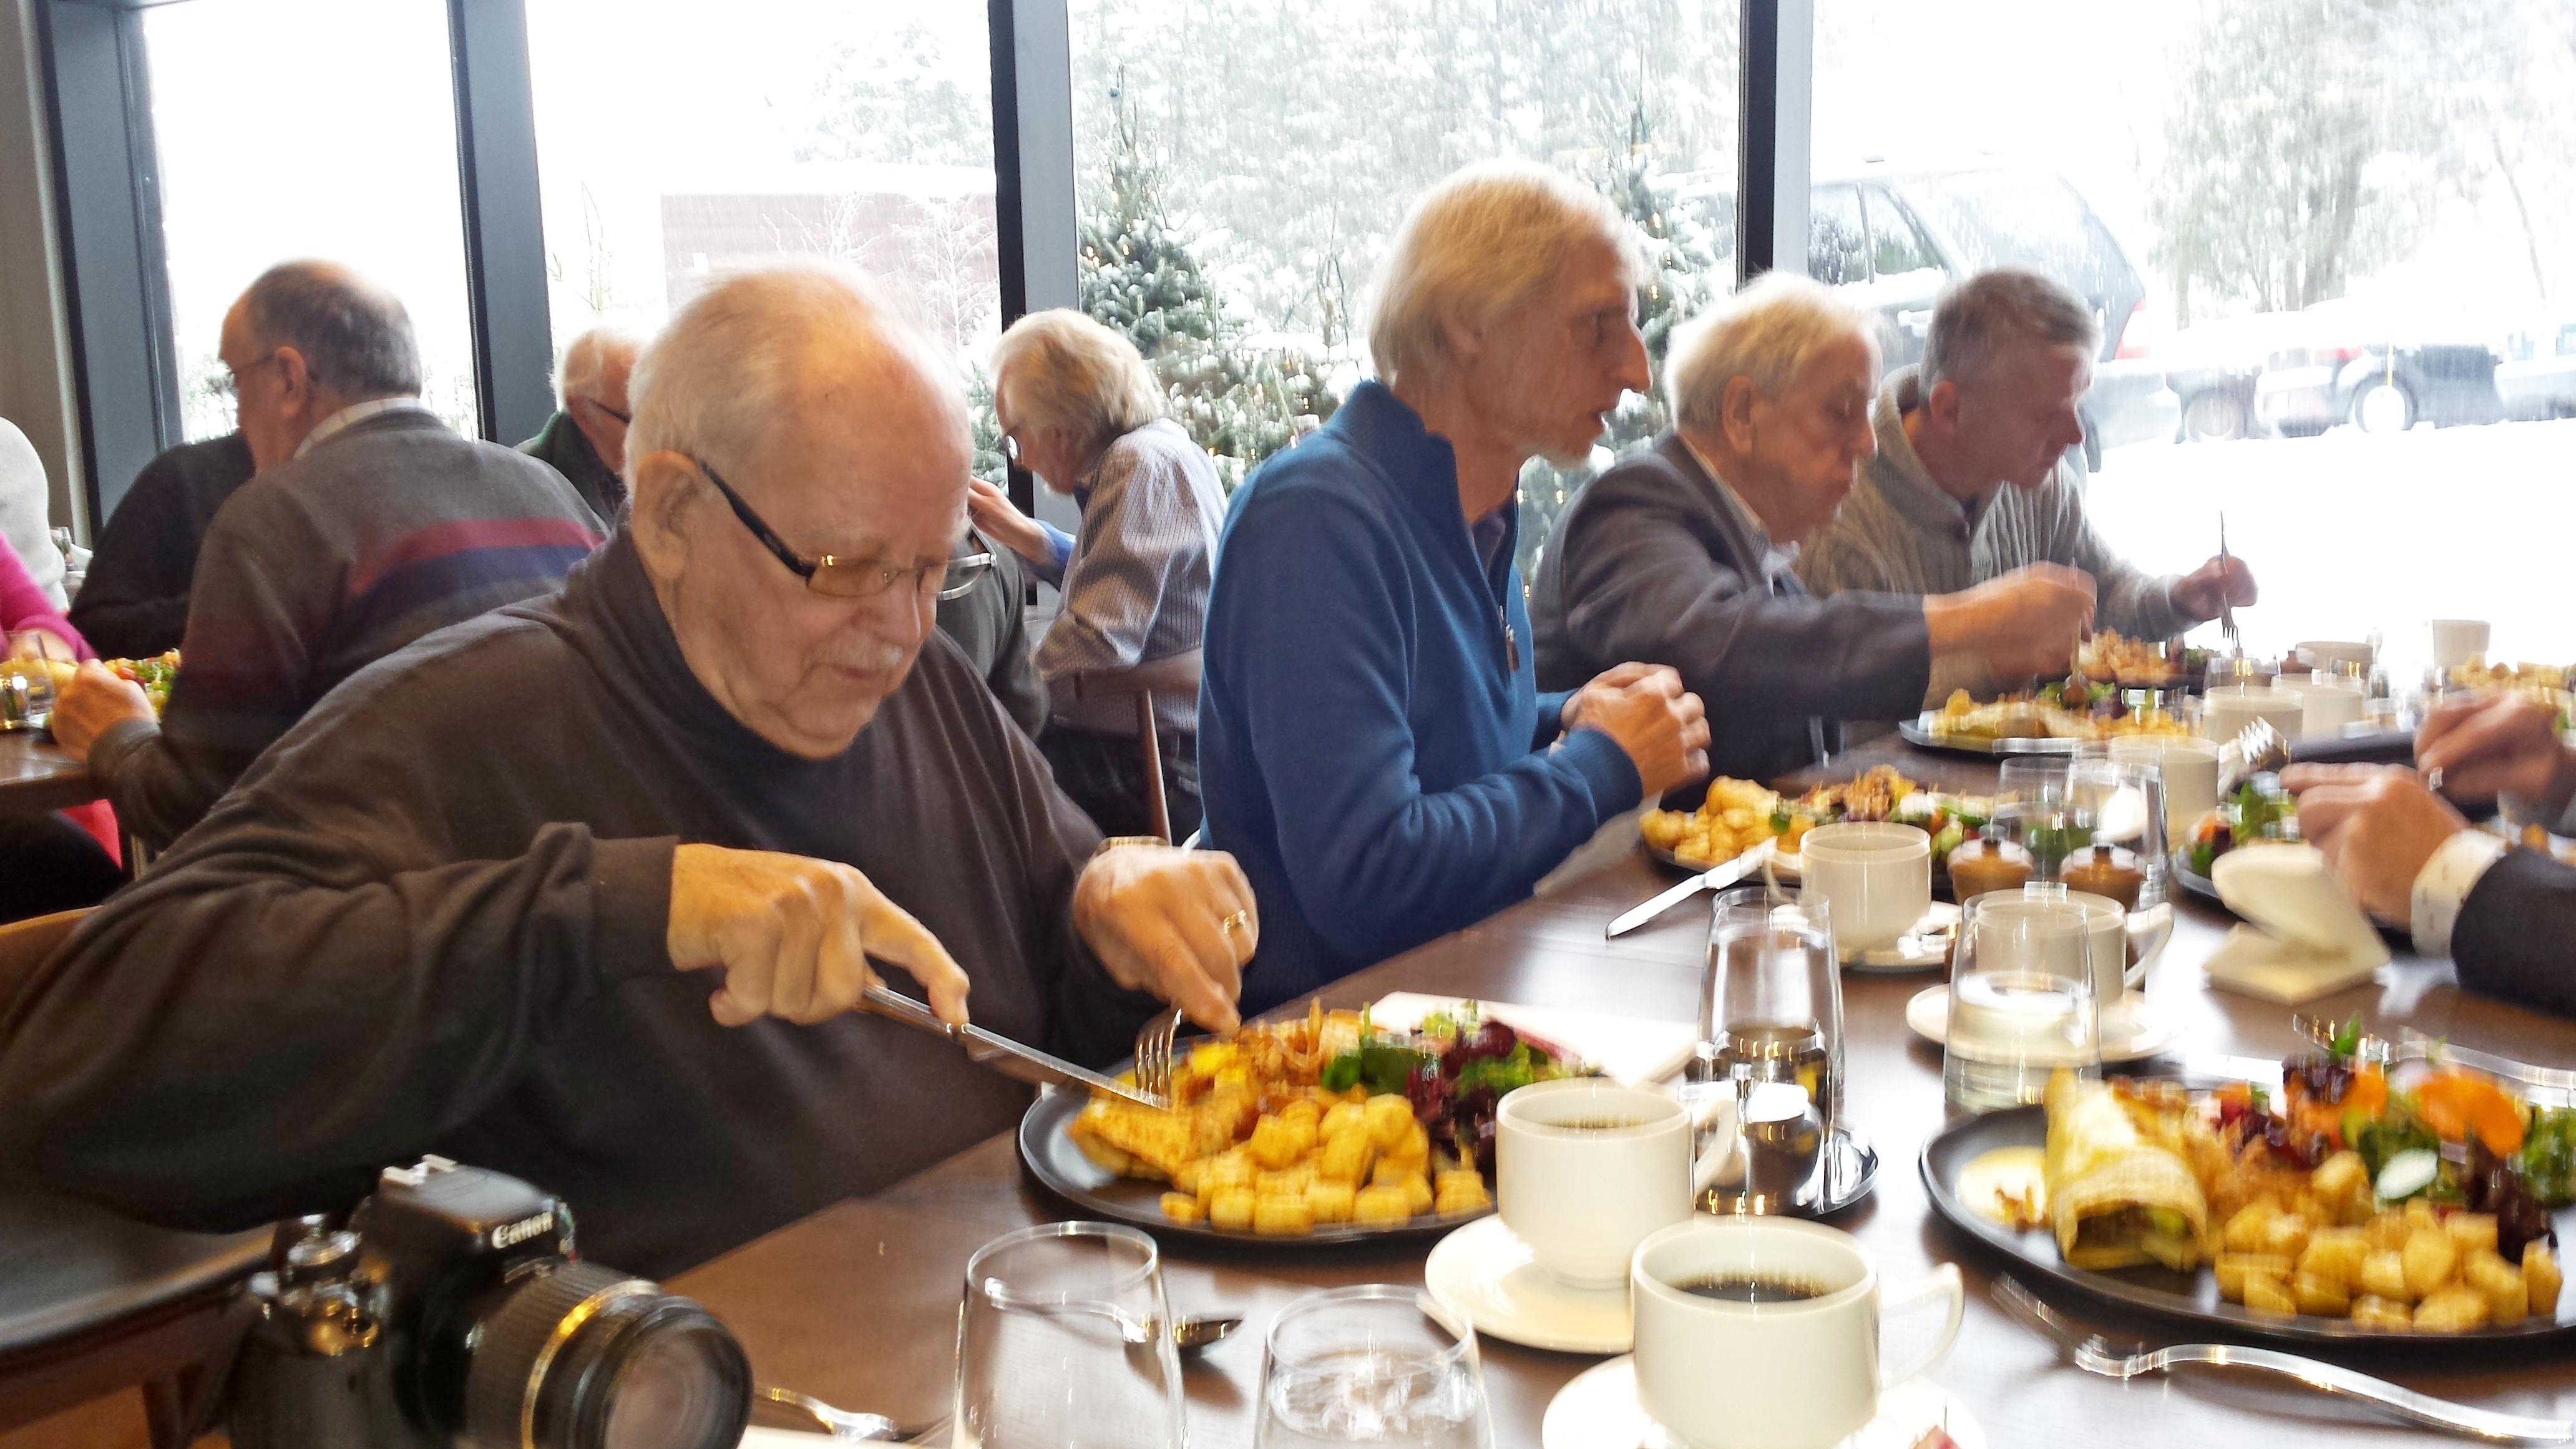 Déjeuner des anciens administrateurs de la Société Provancher. Photo: Pascale Forget.